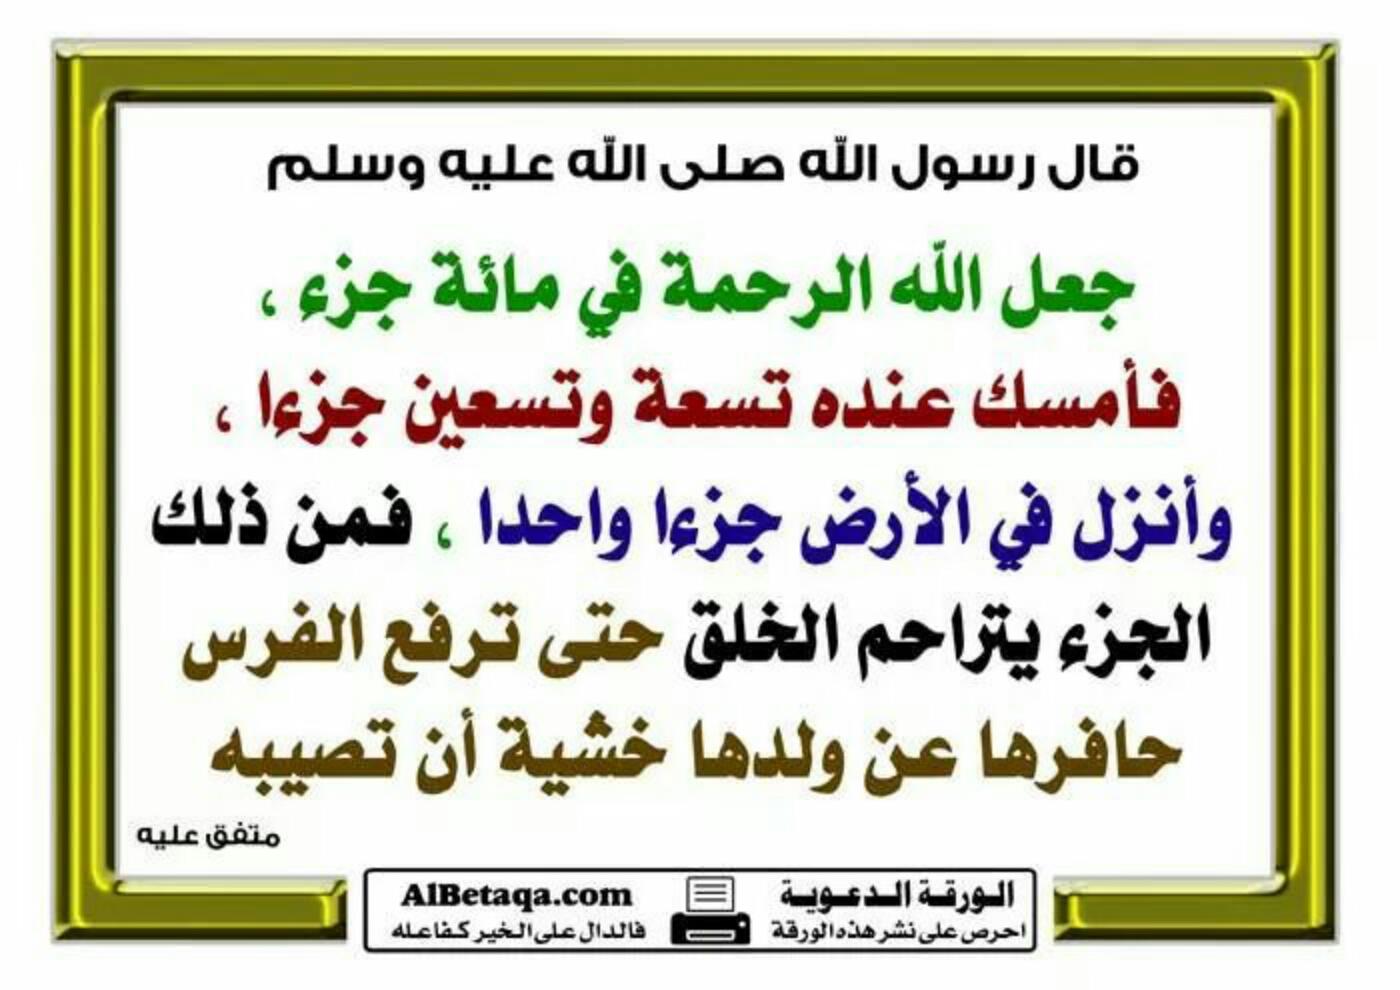 ﻻ اله الا الله محمد رسول الله - Magazine cover